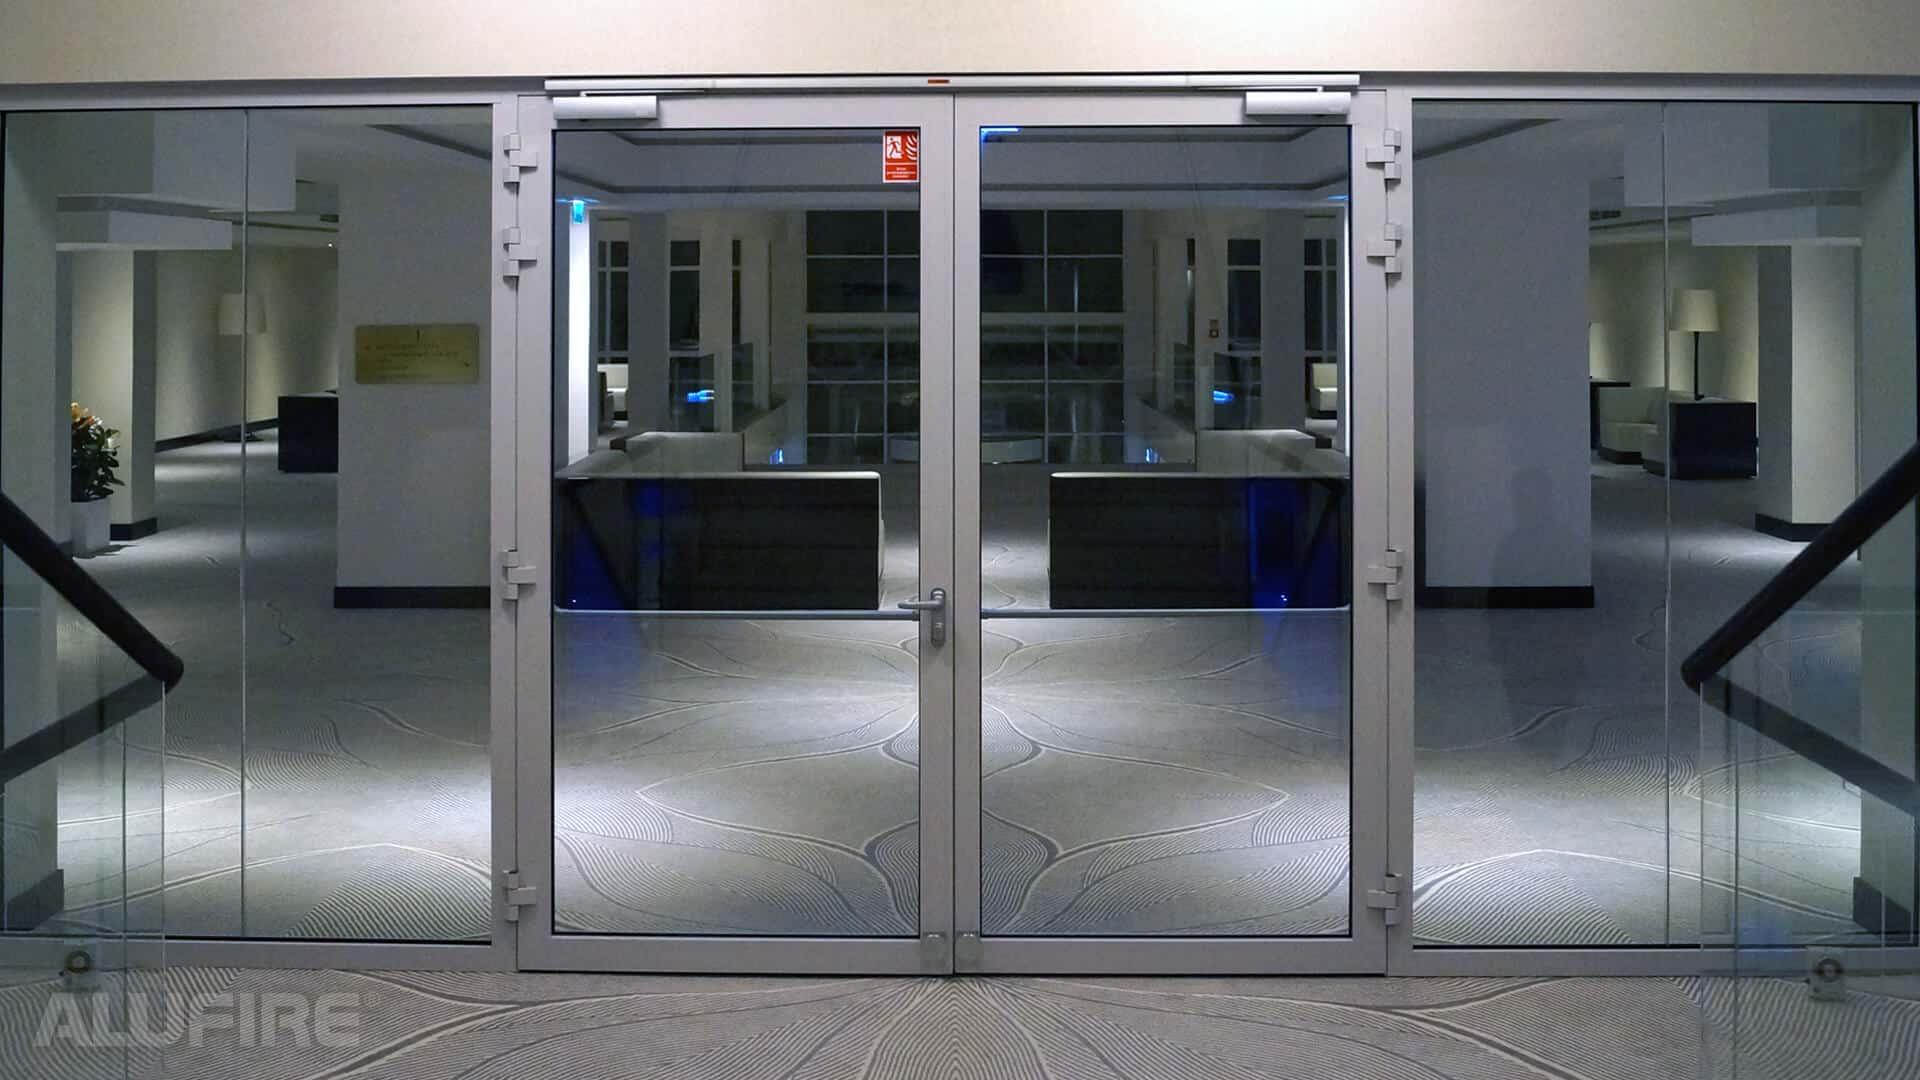 внутренняя противопожарная дверь с огнестойким стеклом Ei60 C5 1800 мм X 2100 мм двустворчатая дверь